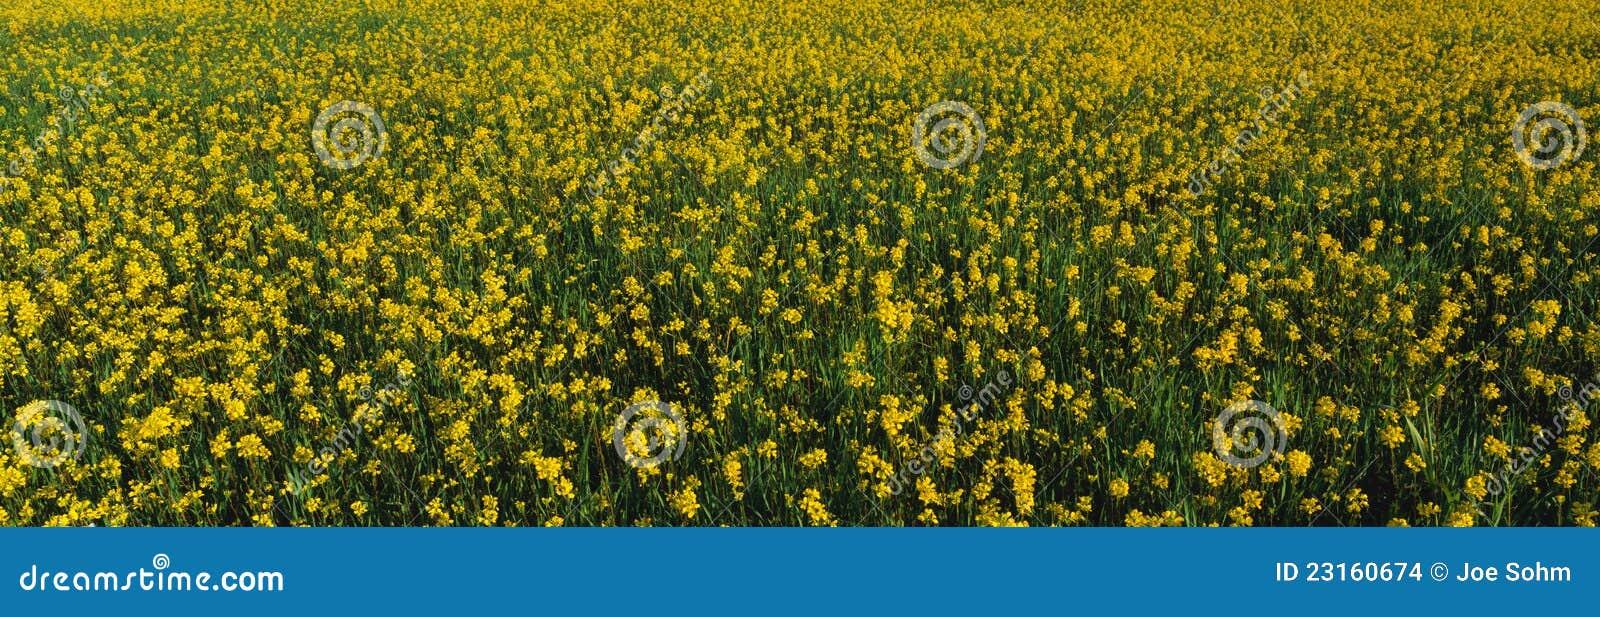 Het Gebied Van De Lente Van Geel Mosterdzaad Stock Afbeeldingen   Afbeelding  23160674